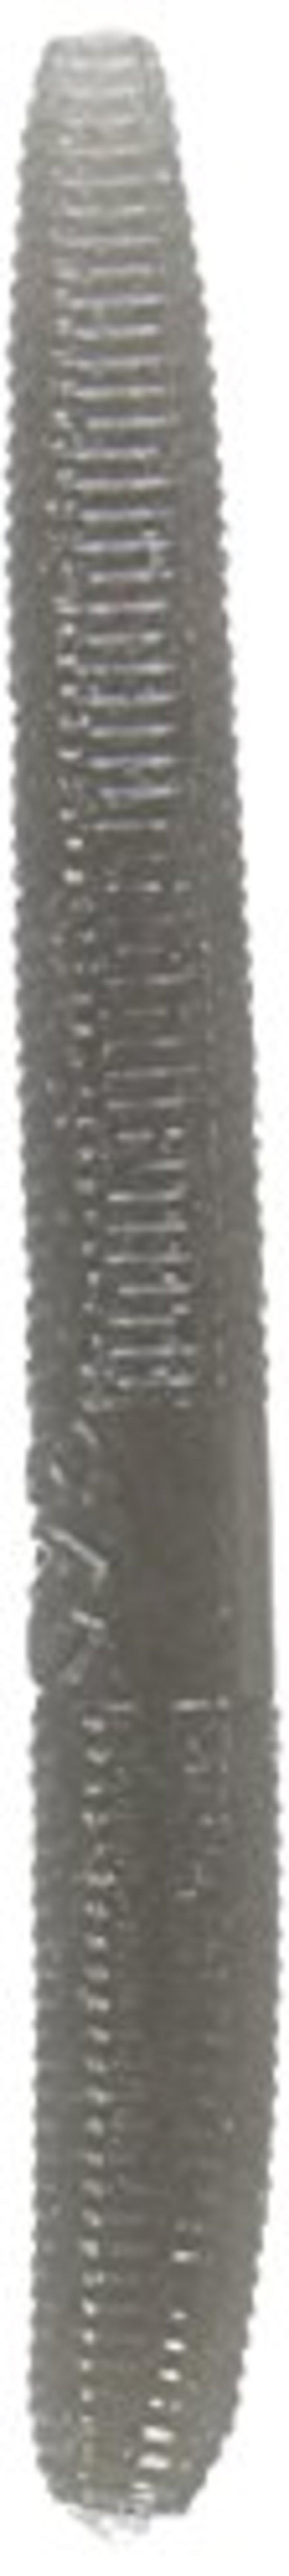 W768 40ffe879 94d4 4f53 b7b2 37e2cb54c2f2